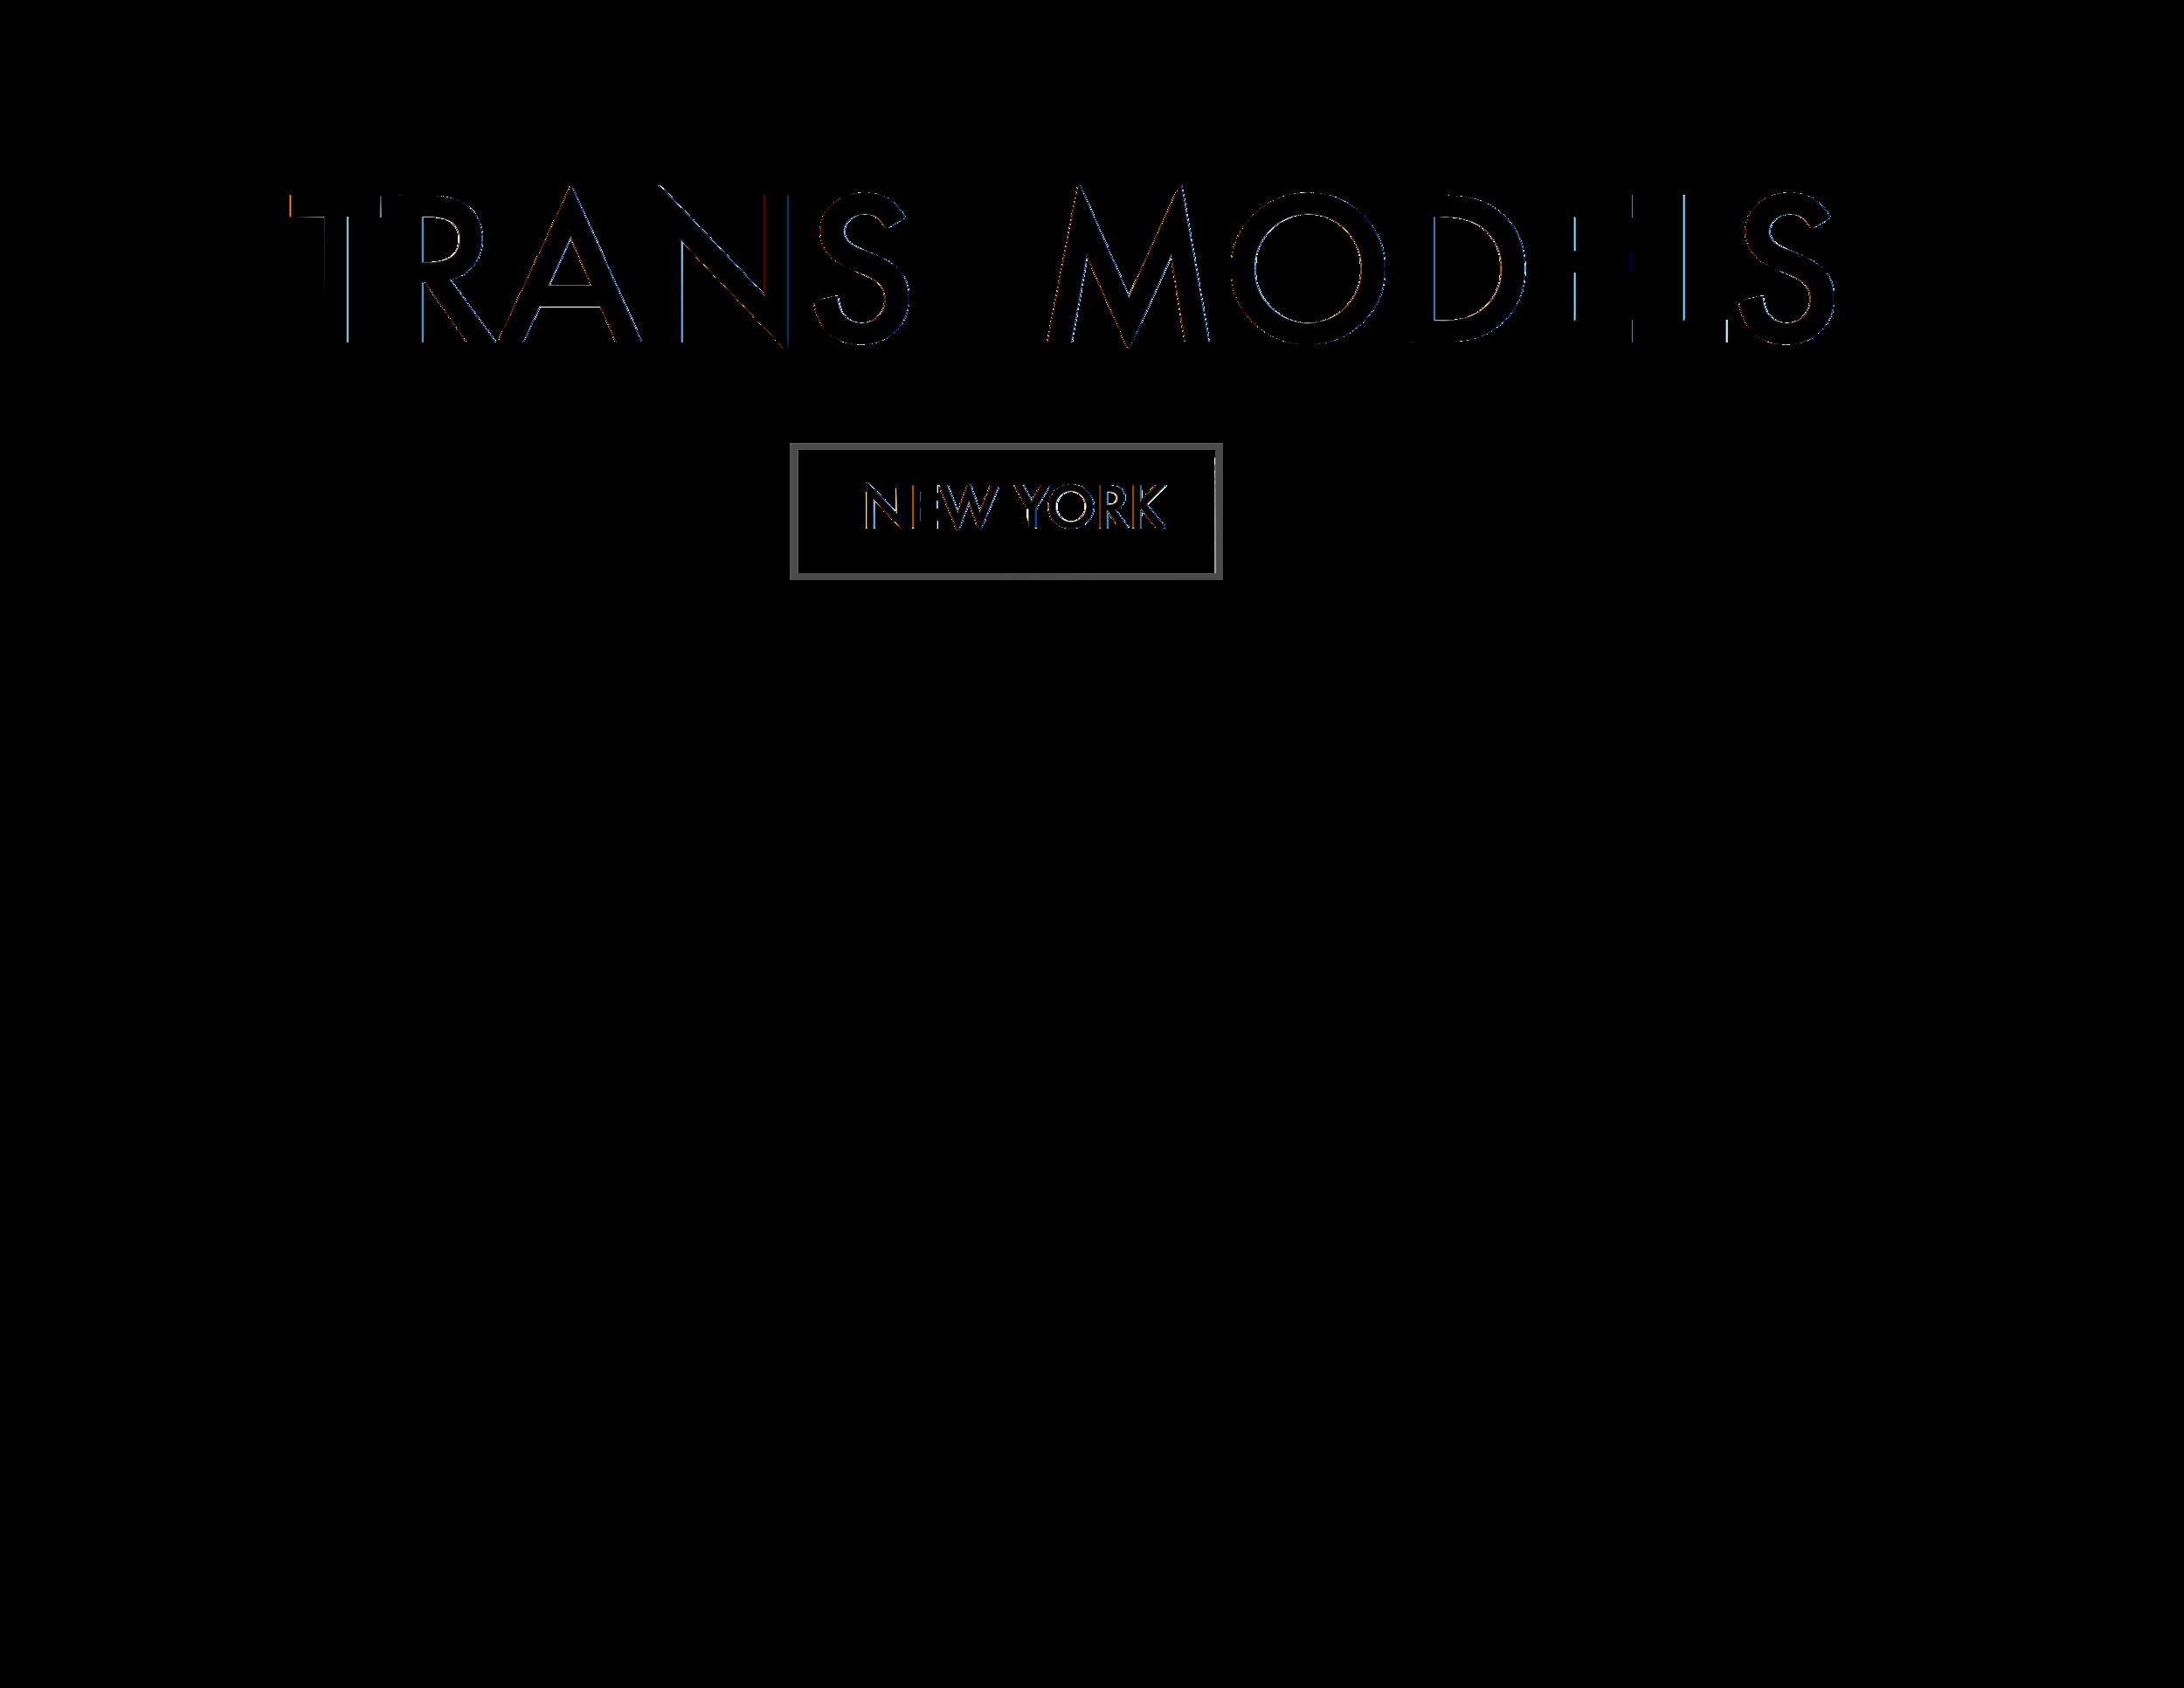 transmodels